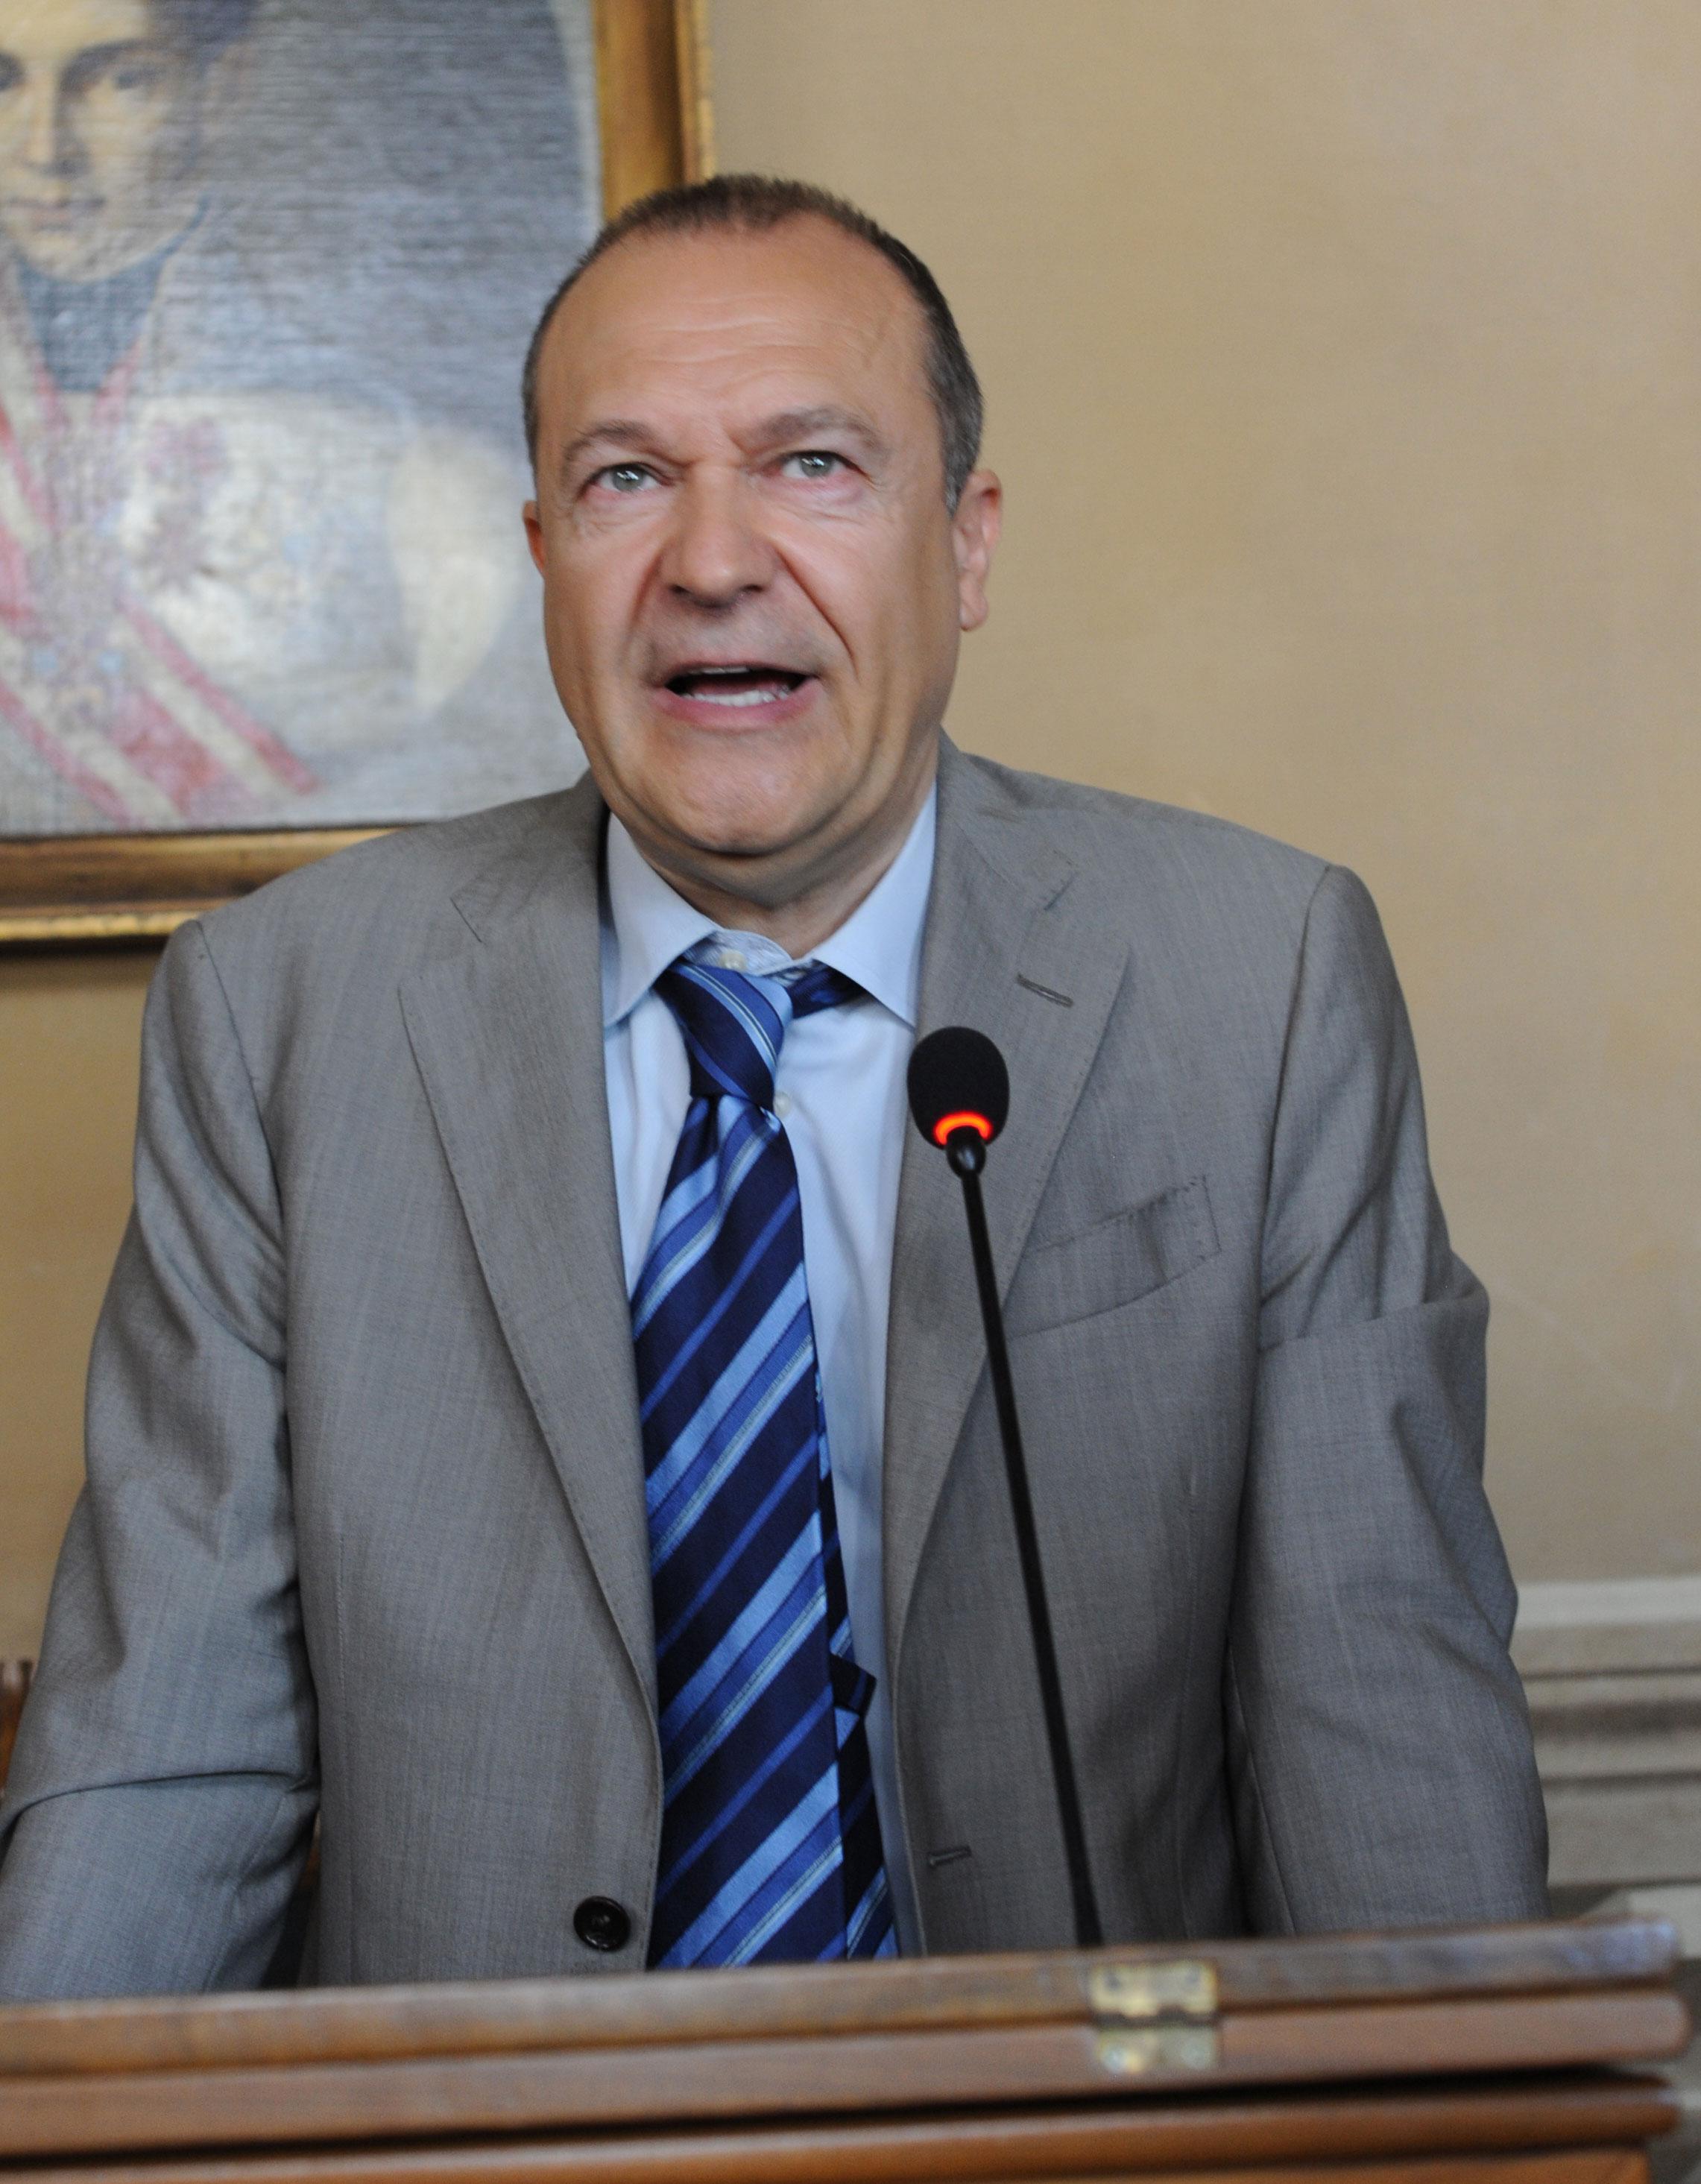 Callaioli Fabrizio